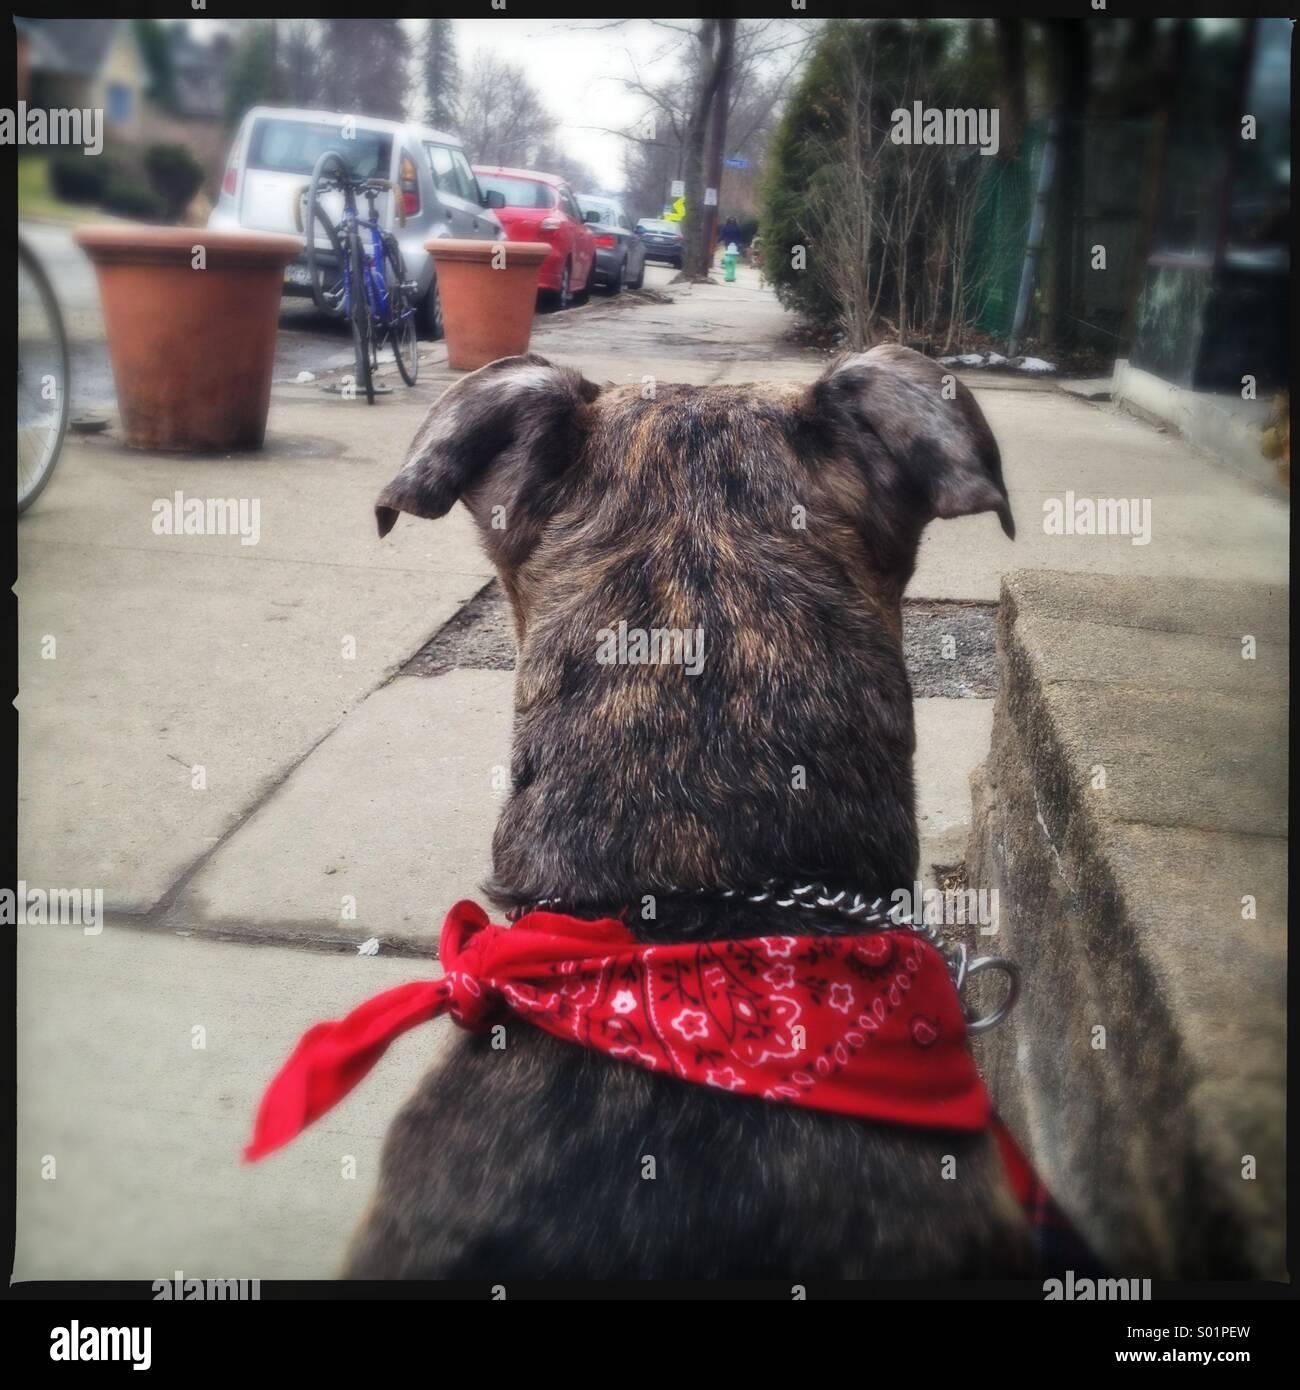 Dog with Red Bandana - Stock Image